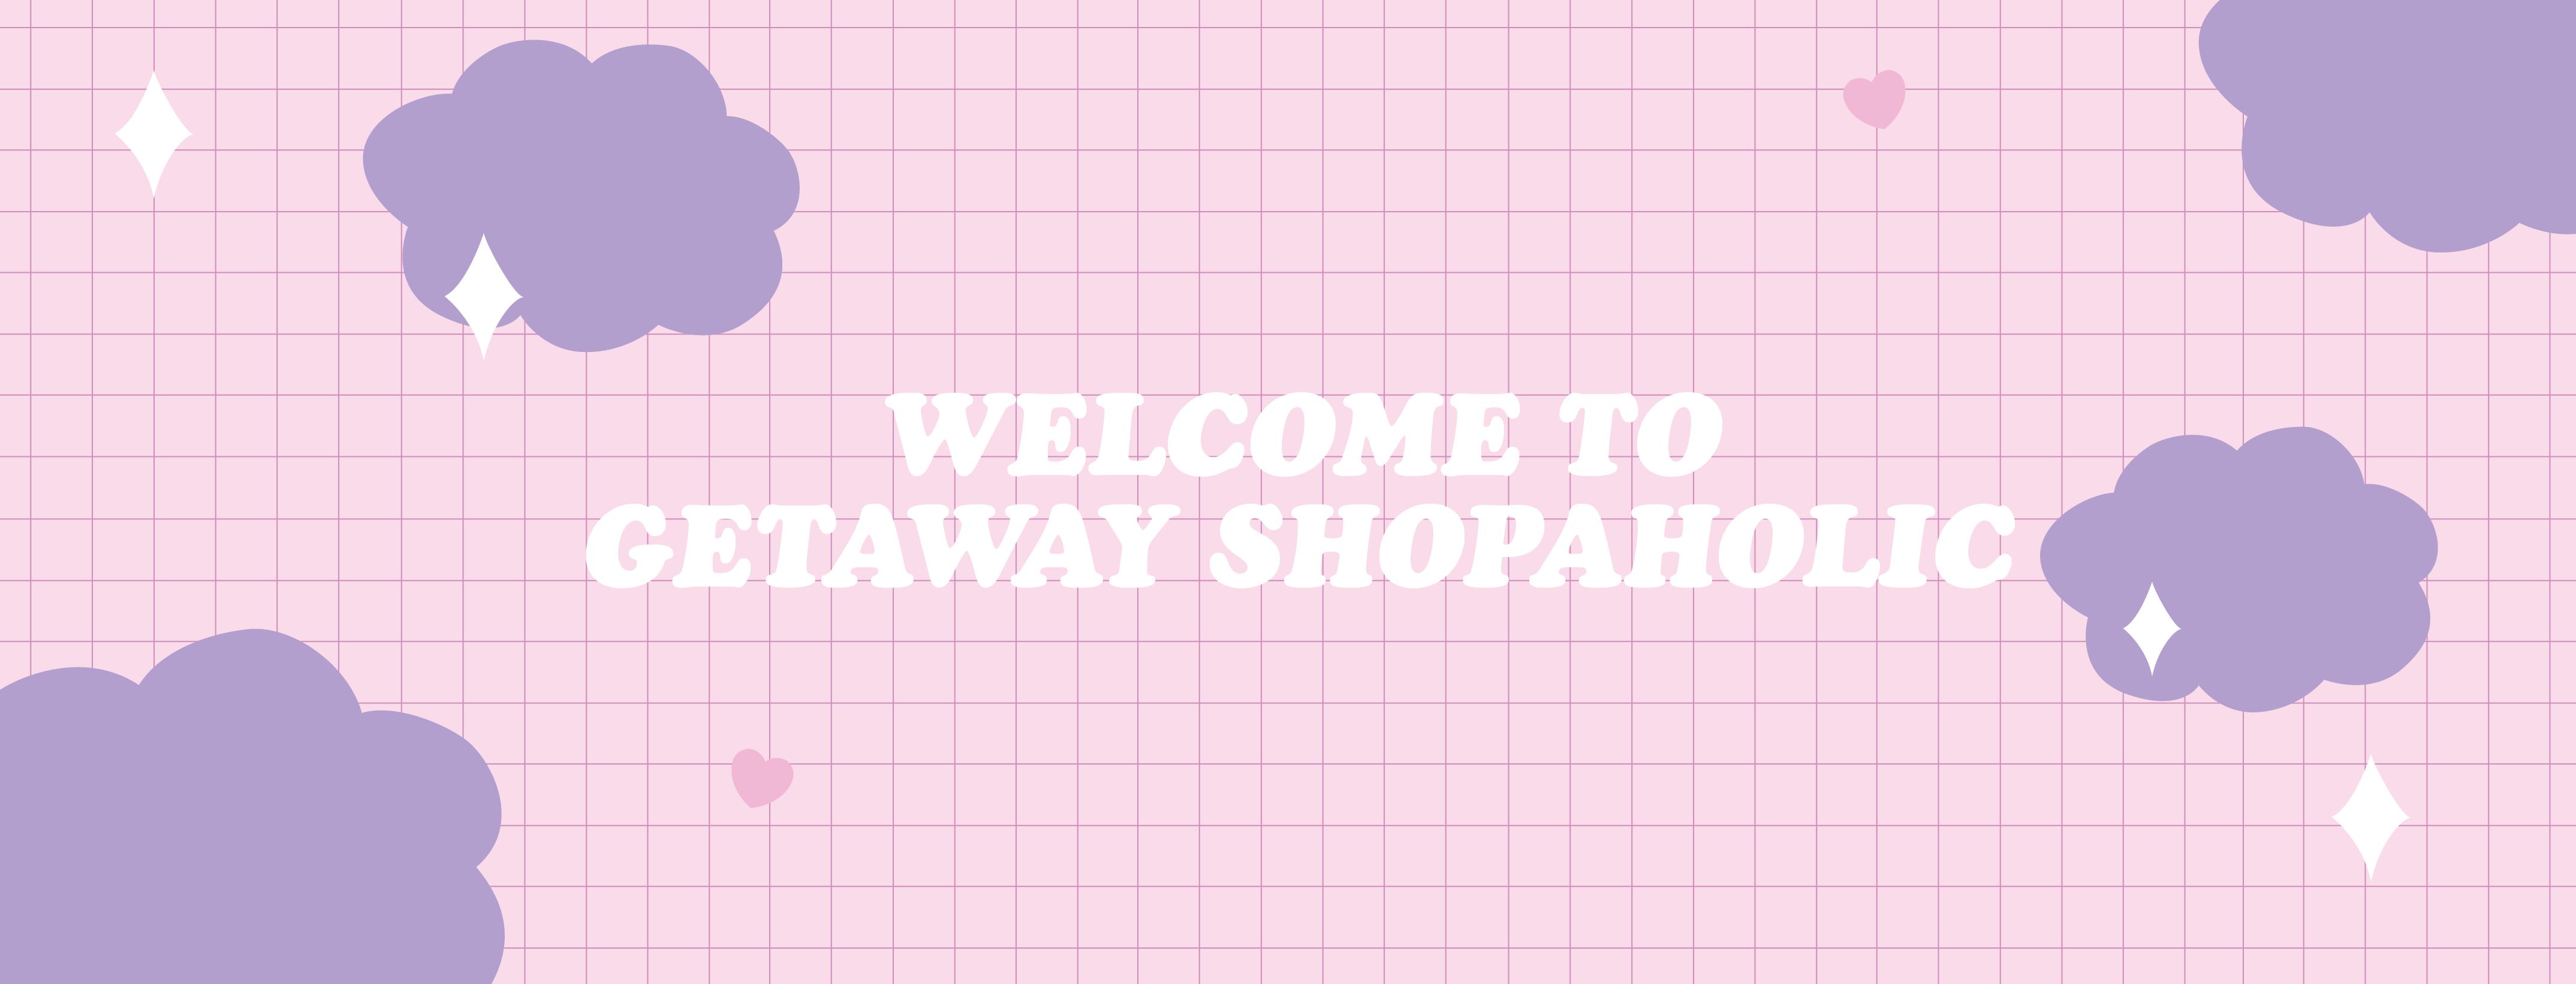 Getaholic - Getaway Shopaholic |